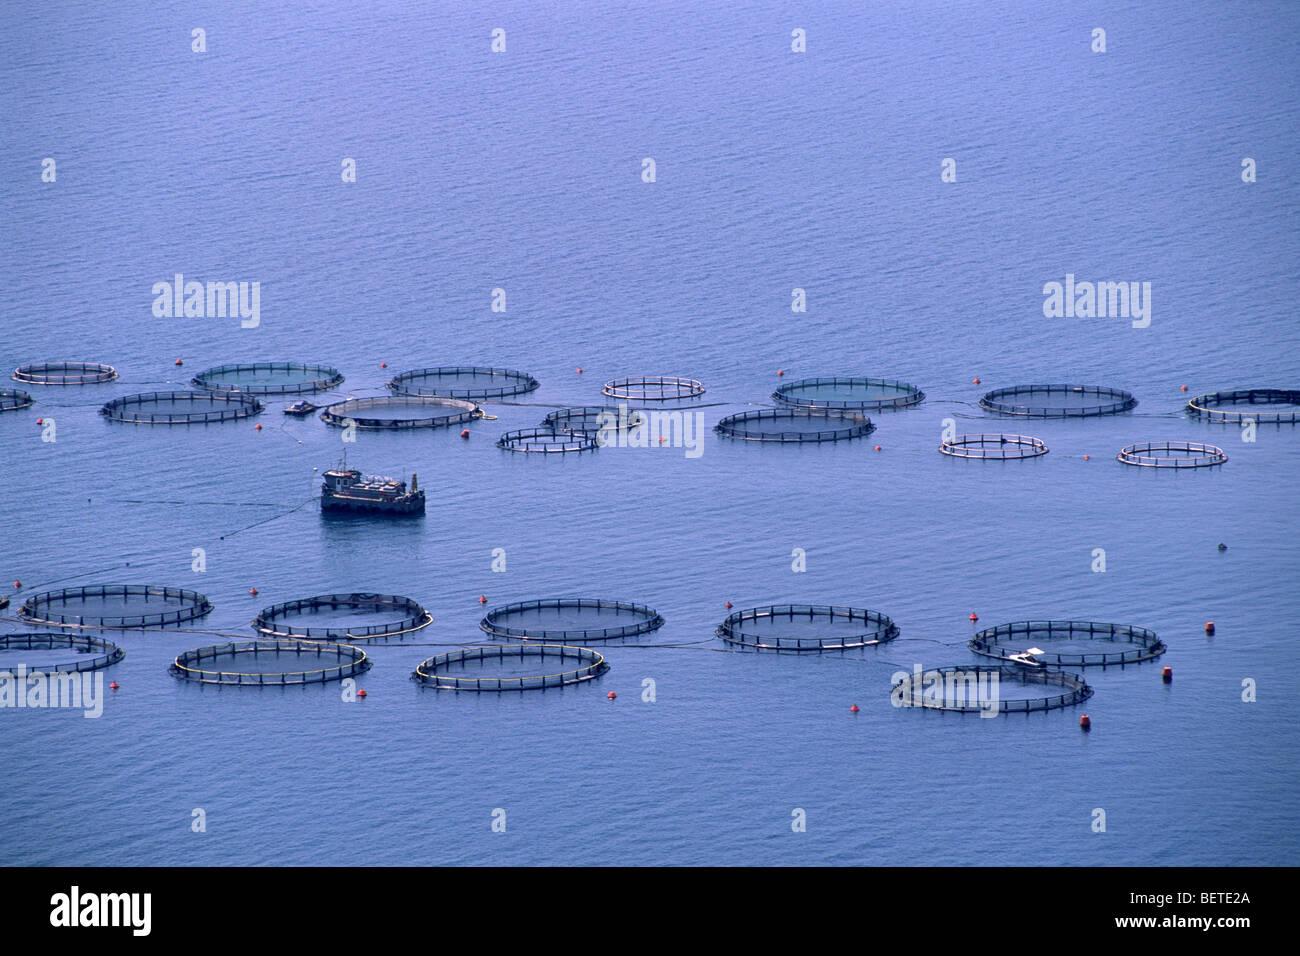 La Grèce, îles Ioniennes, Céphalonie, fish farms Photo Stock